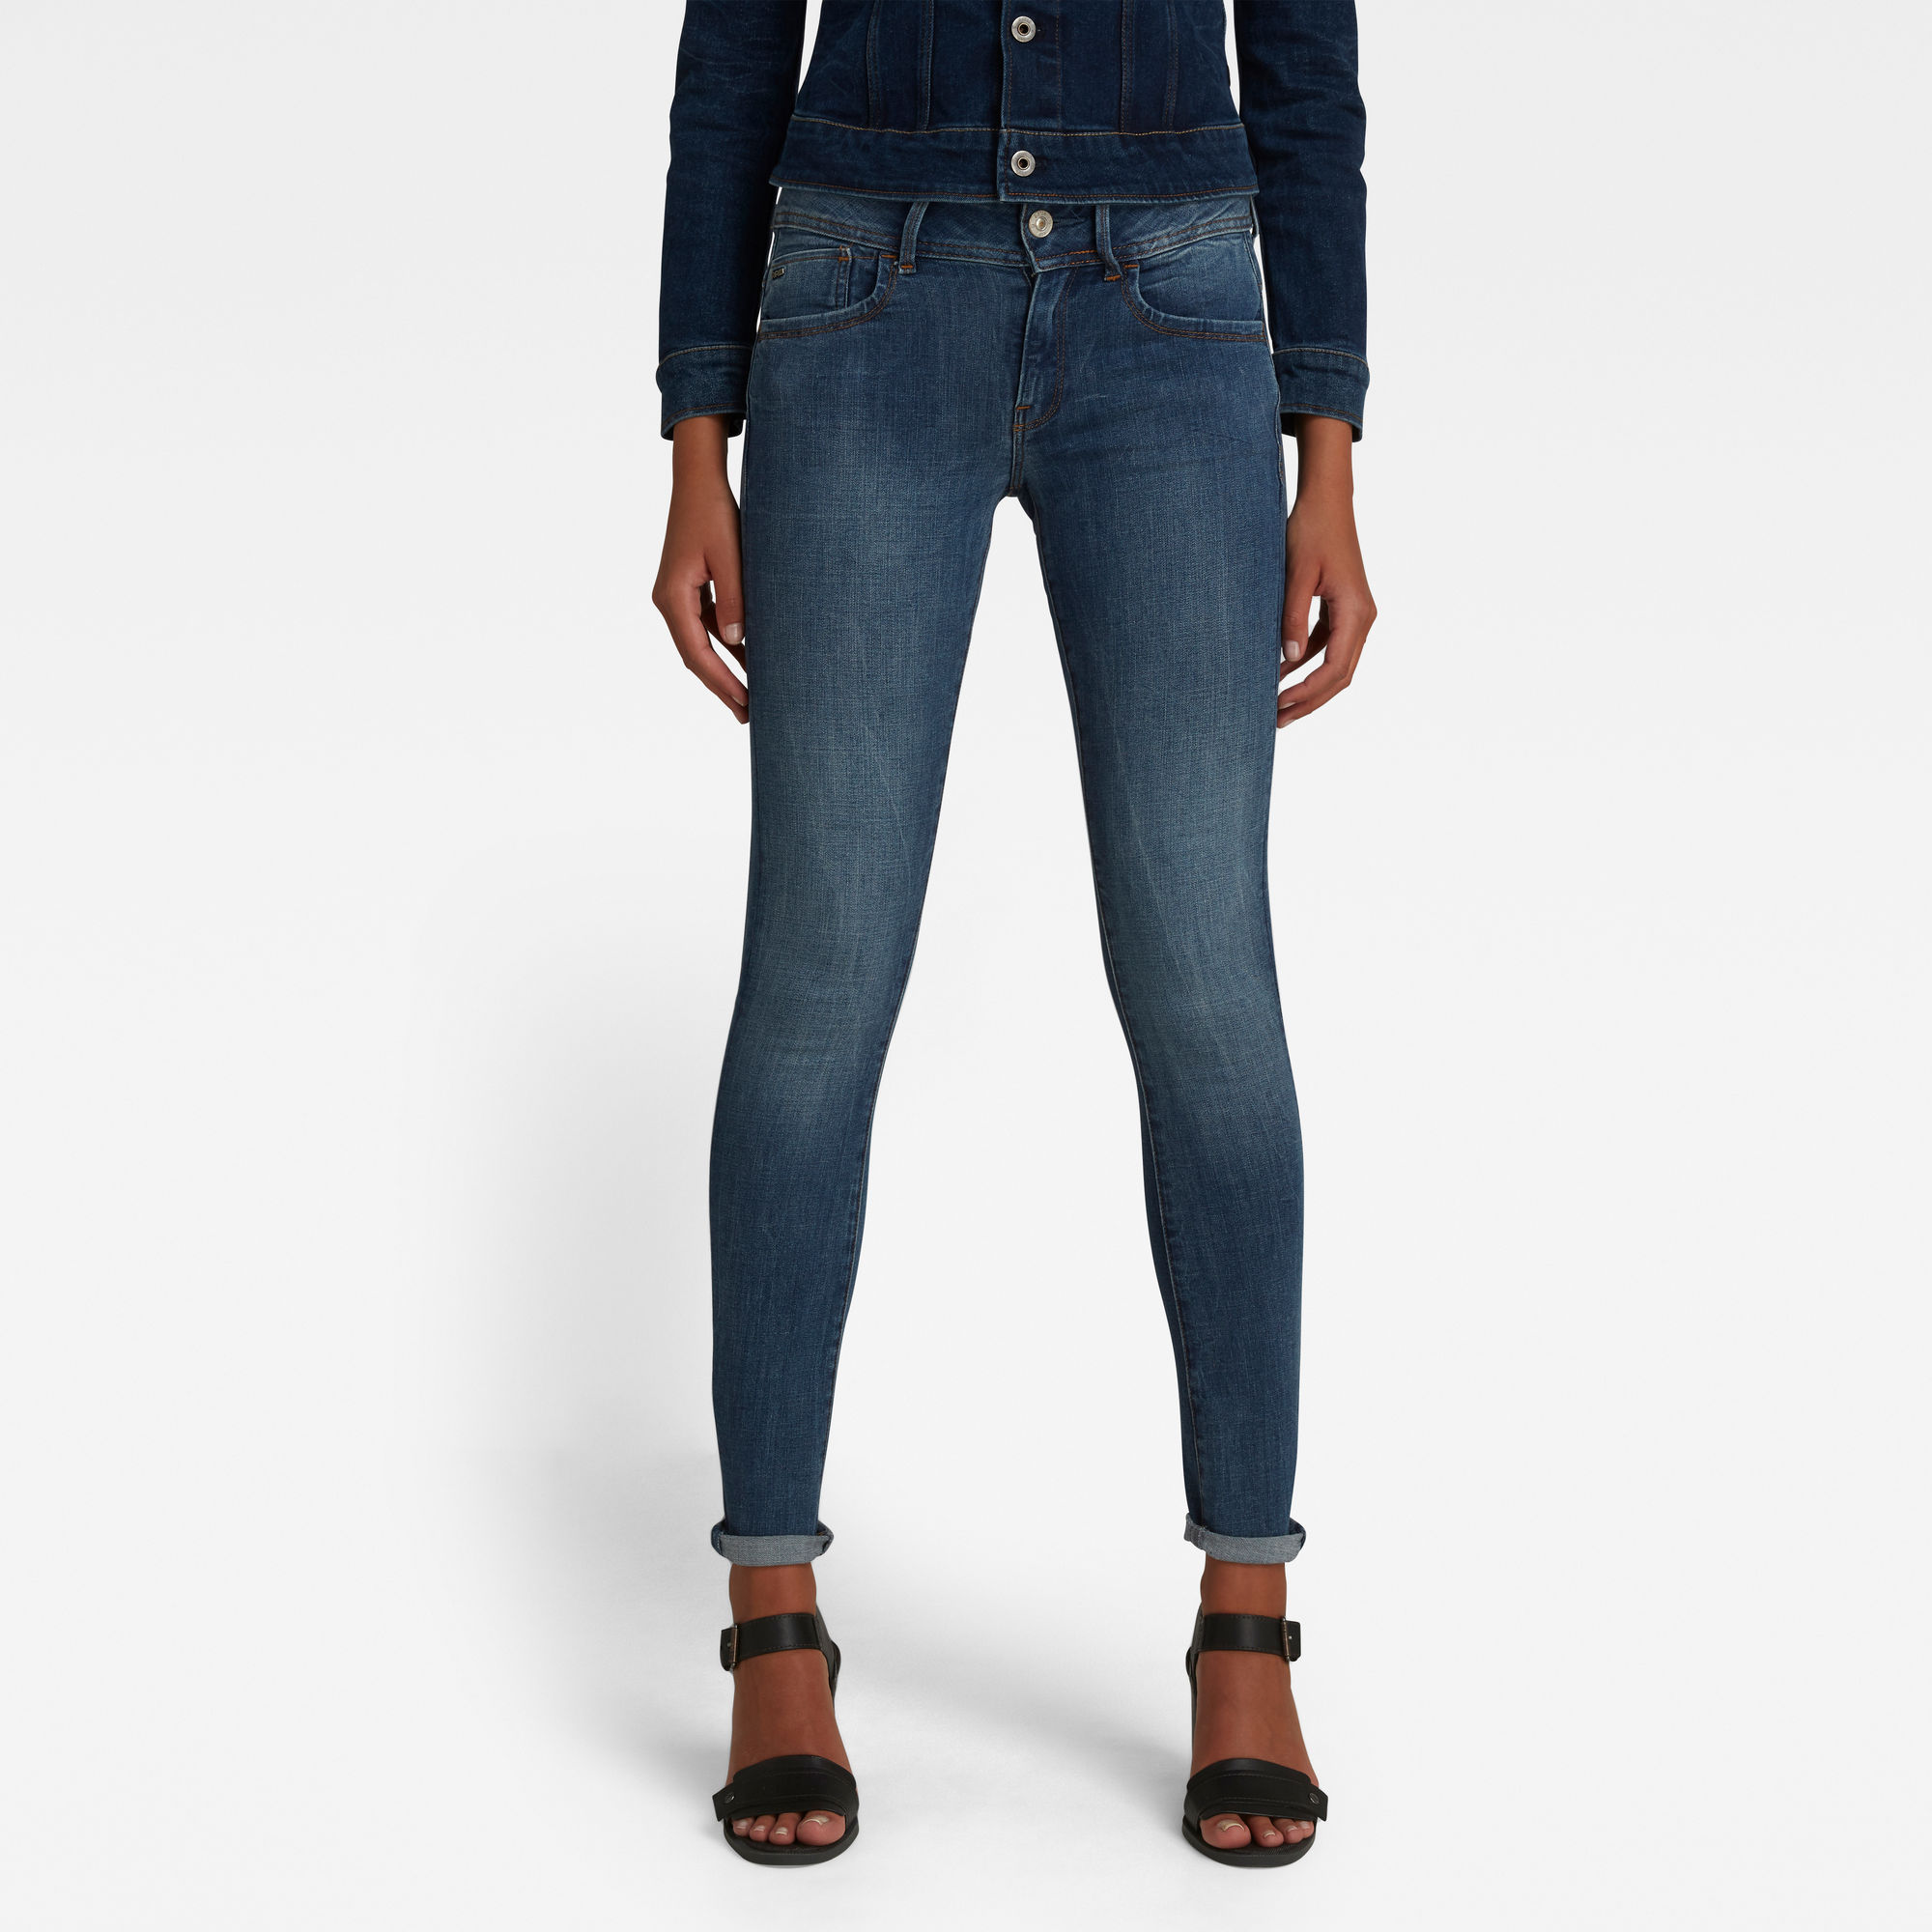 G-Star RAW Dames Lynn D-Mid Waist Super Skinny Jeans Blauw